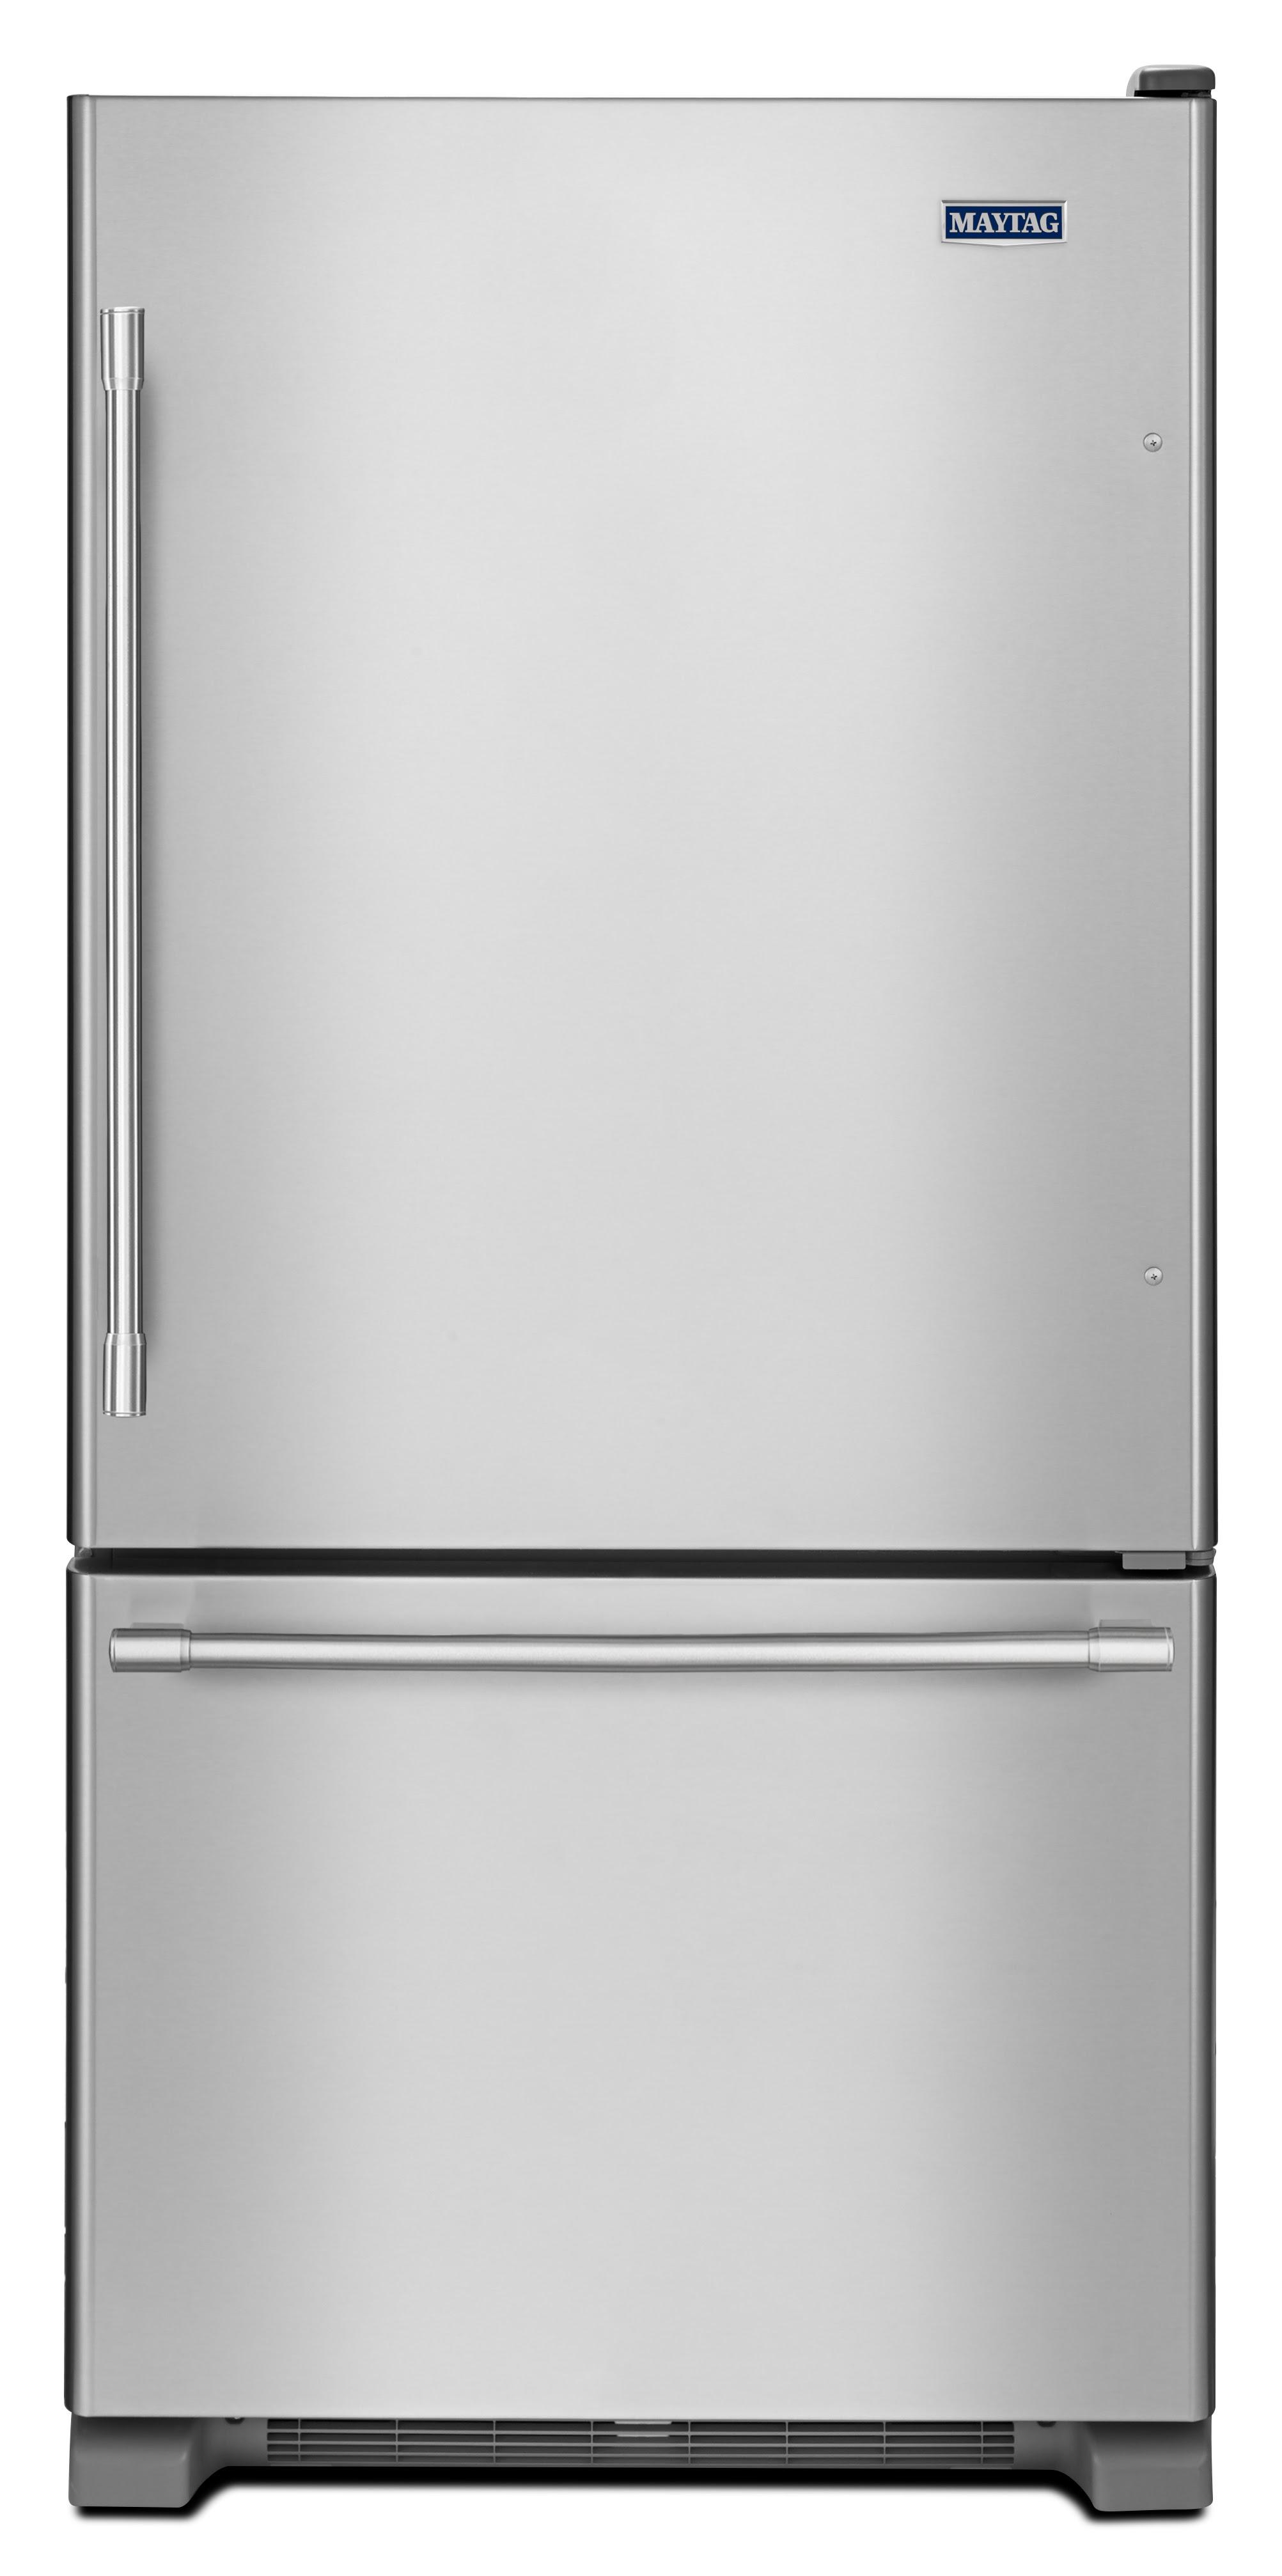 UPC Maytag 18 6 Cu Ft Bottom freezer Refrigerator